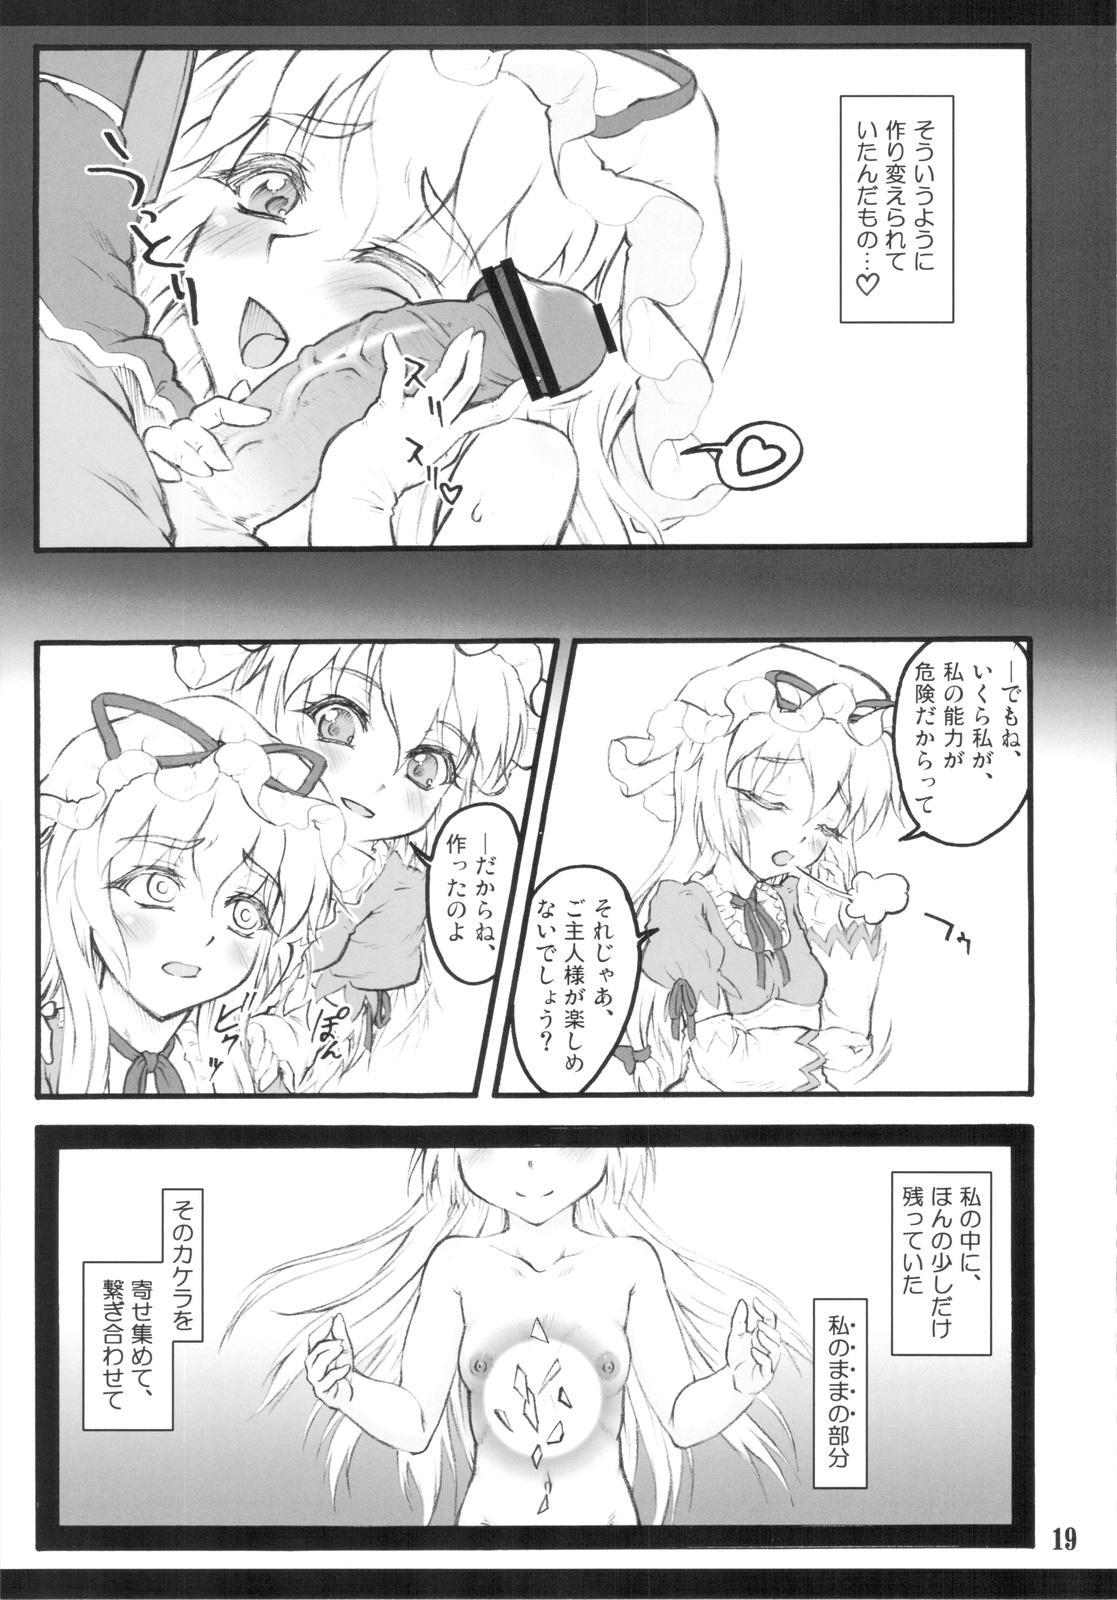 Yukari x Yukari 16